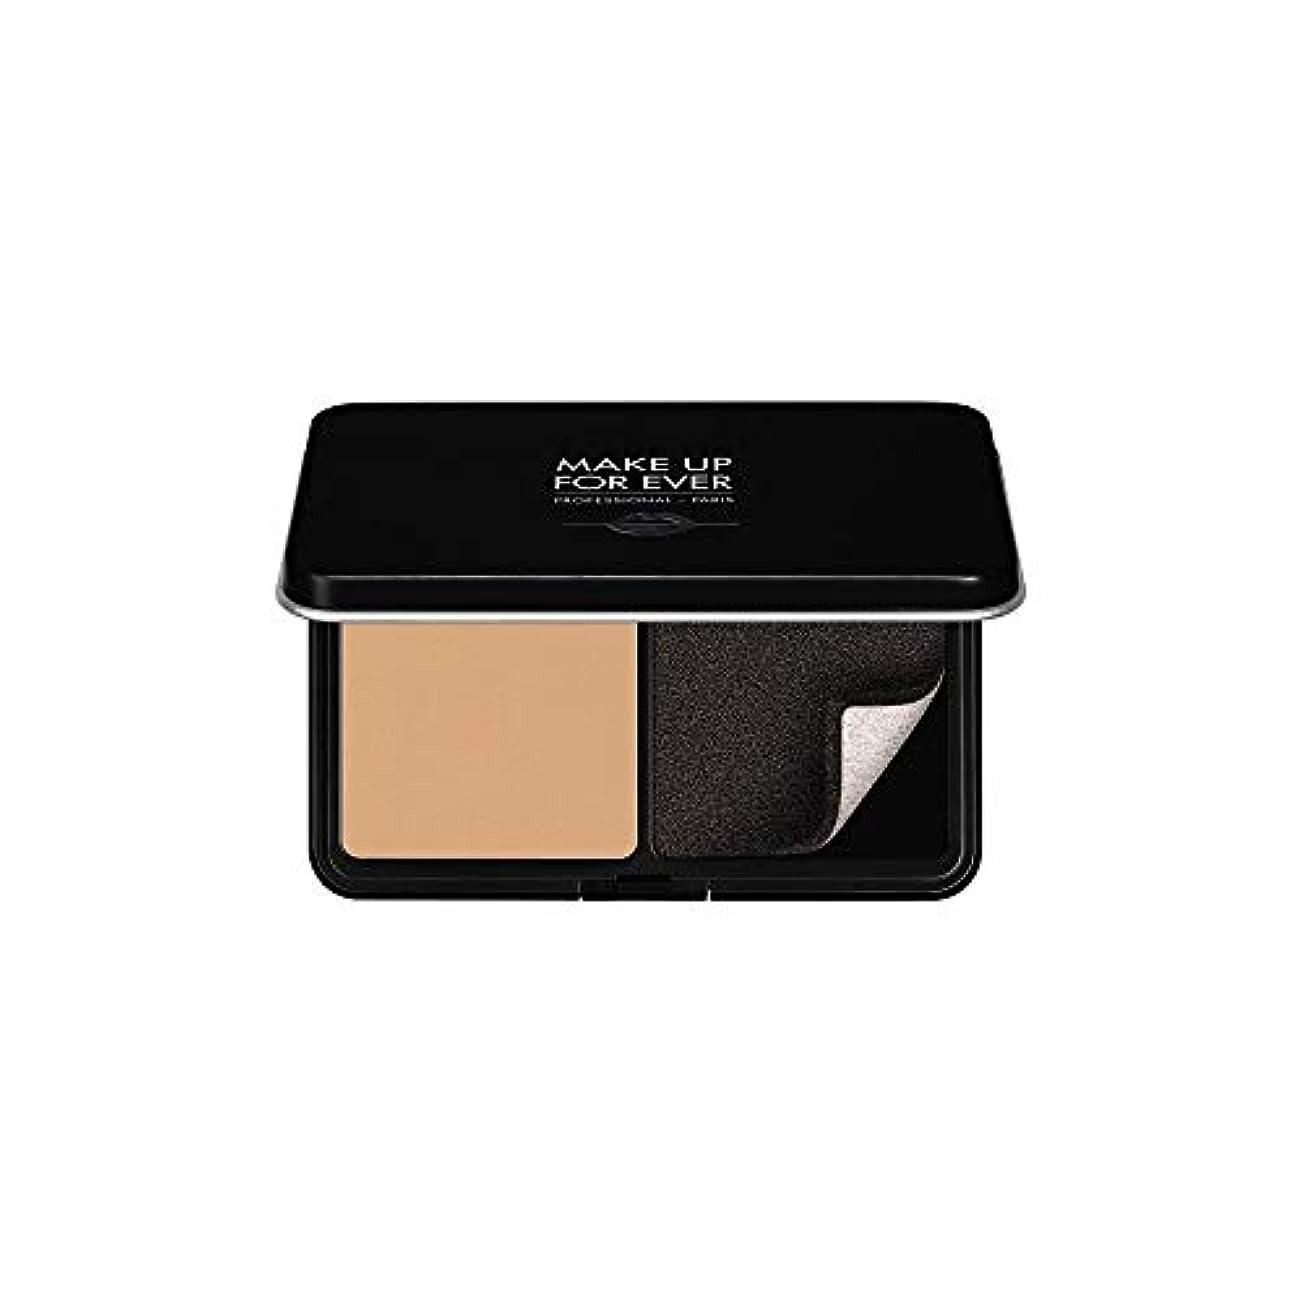 感動する運搬貴重なメイクアップフォーエバー Matte Velvet Skin Blurring Powder Foundation - # Y305 (Soft Beige) 11g/0.38oz並行輸入品